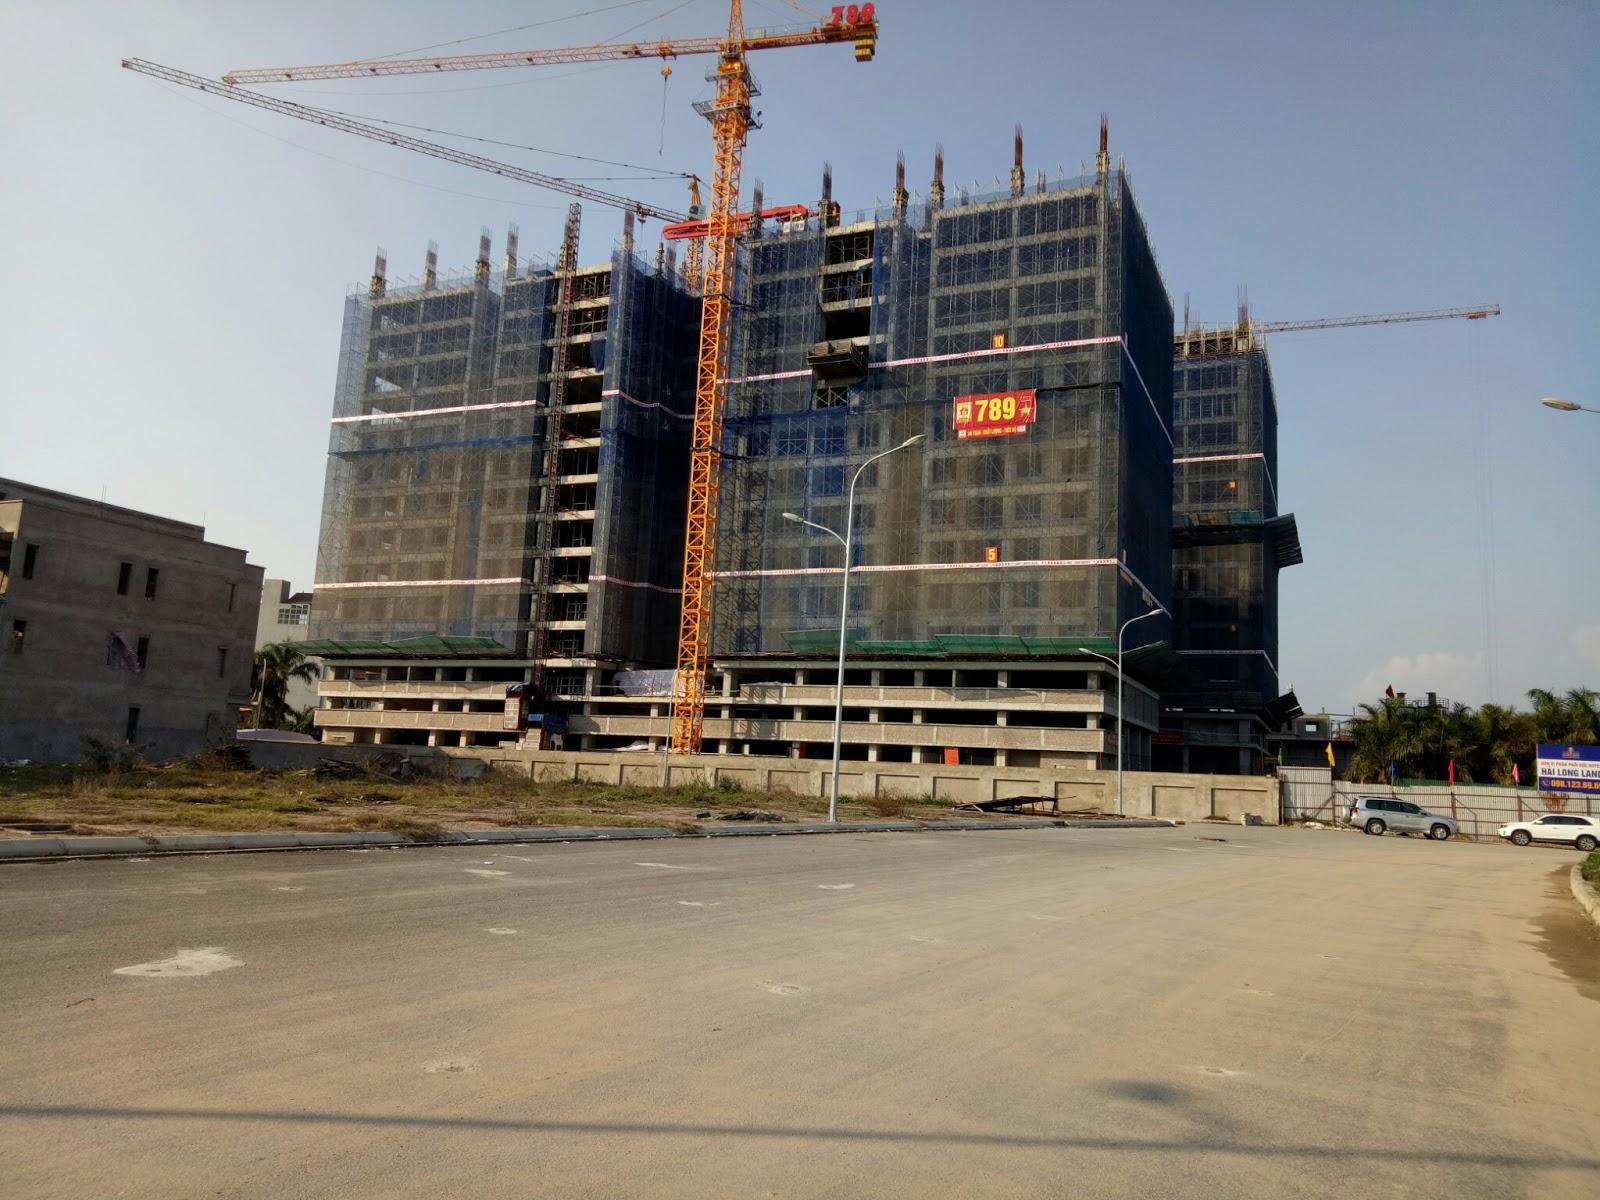 Tiến độ xây dựng dự án Chung cư 789 Xuân Đỉnh | Update Ngày 20/2/2017